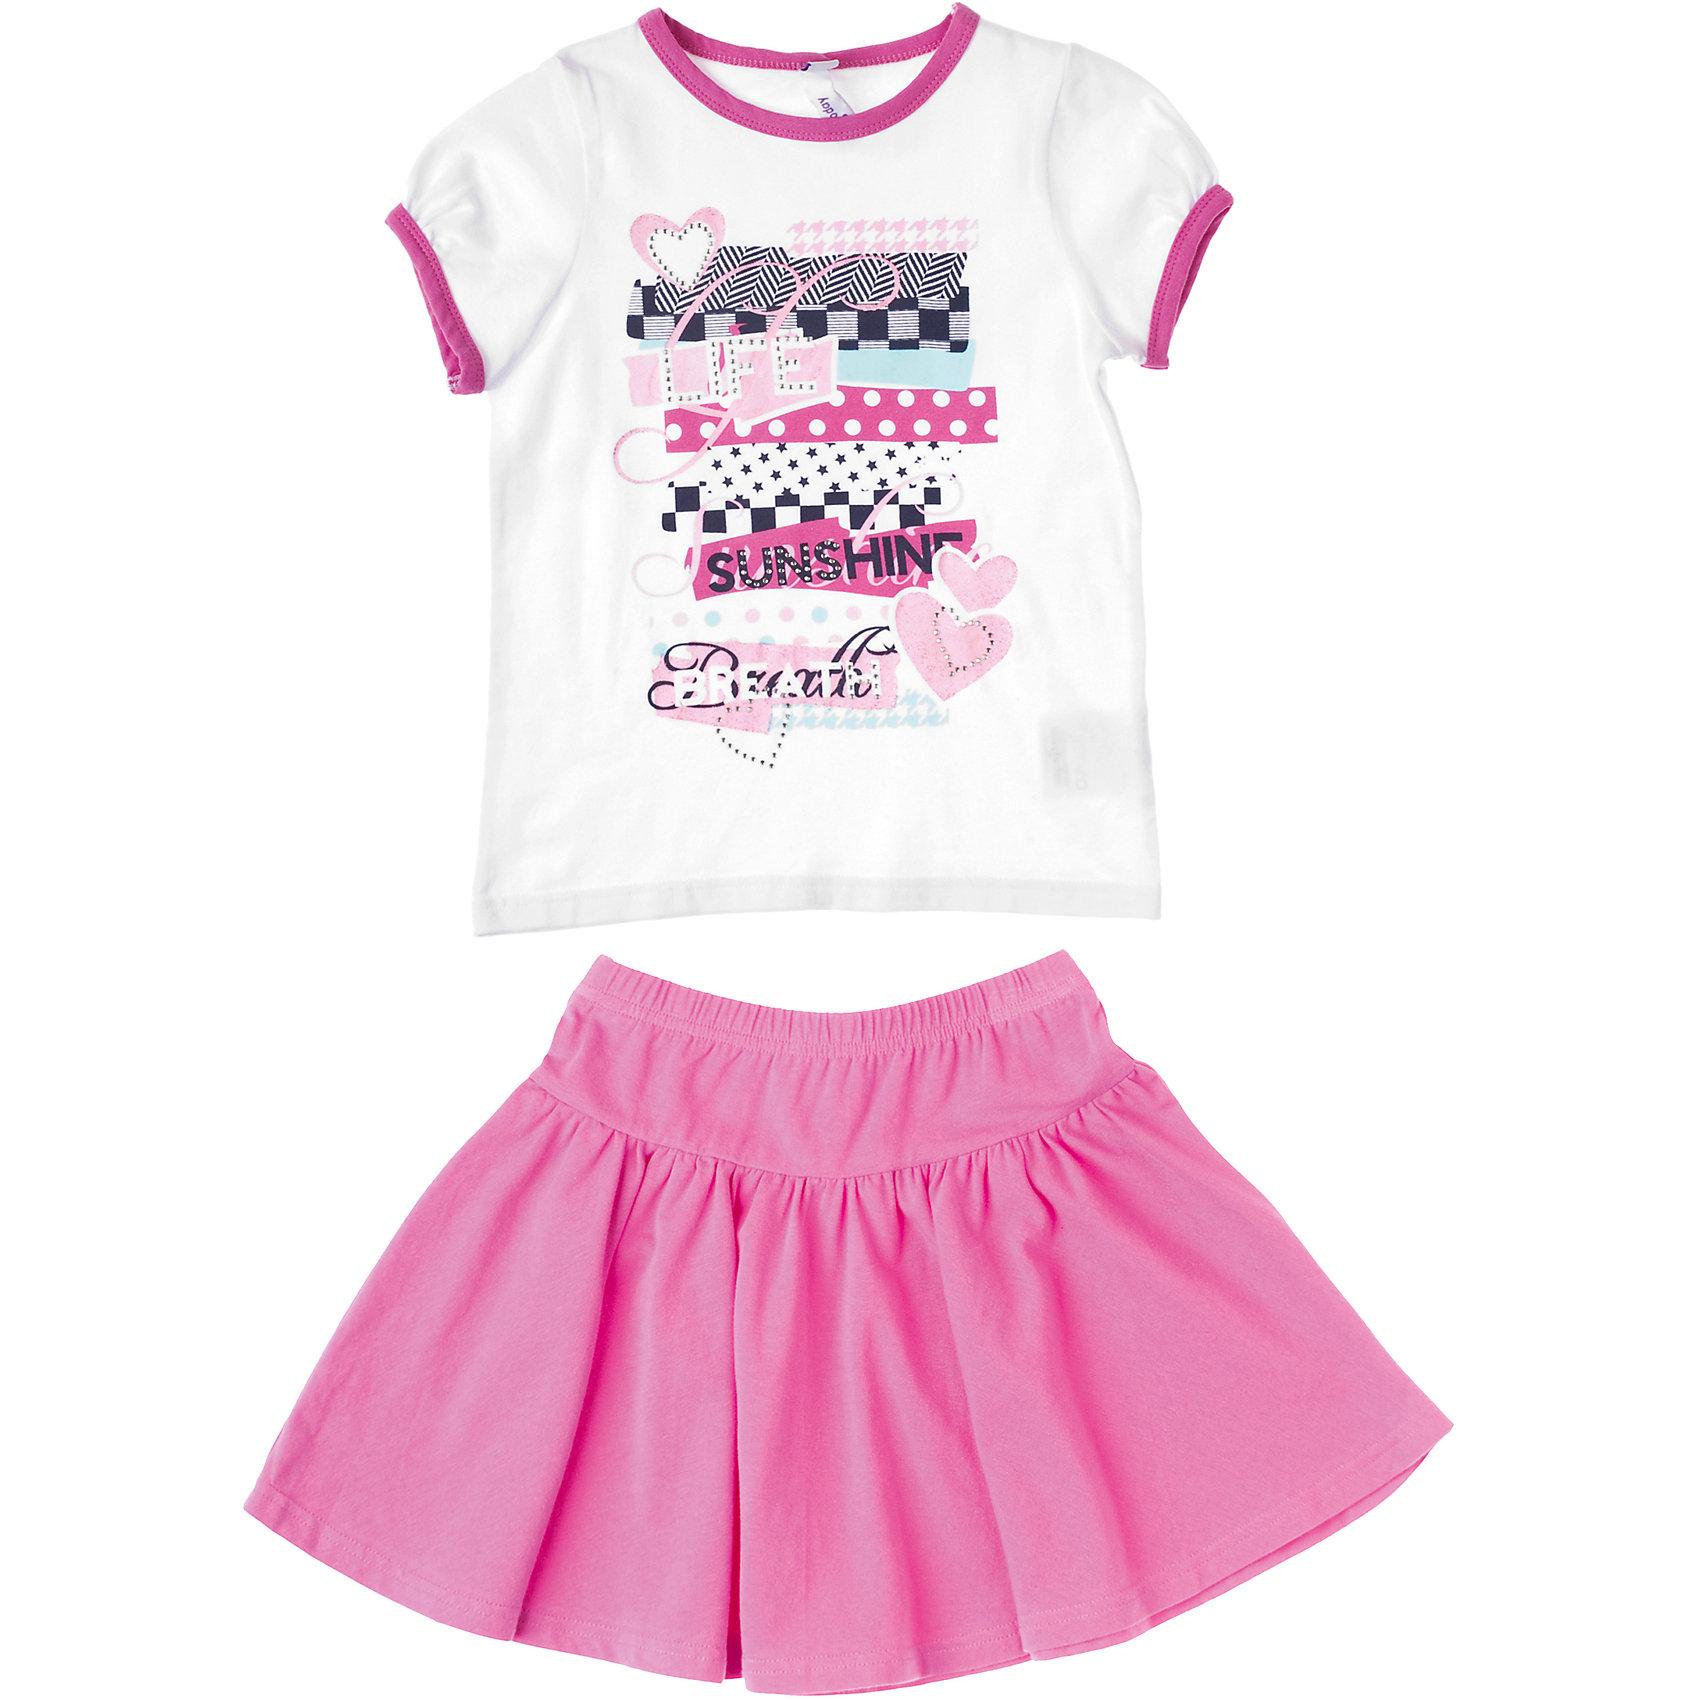 Комплект: футболка и юбка для девочки PlayTodayКомплекты<br>Комплект: футболка и юбка для девочки PlayToday Нежный хлопковый комплект из юбки и футболки, декорированной стразами, блестками и красочным принтом. Юбка на широкой резинке. Состав: 95% хлопок, 5% эластан<br><br>Ширина мм: 190<br>Глубина мм: 74<br>Высота мм: 229<br>Вес г: 236<br>Цвет: белый/розовый<br>Возраст от месяцев: 24<br>Возраст до месяцев: 36<br>Пол: Женский<br>Возраст: Детский<br>Размер: 98,122,128,116,110,104<br>SKU: 4228070